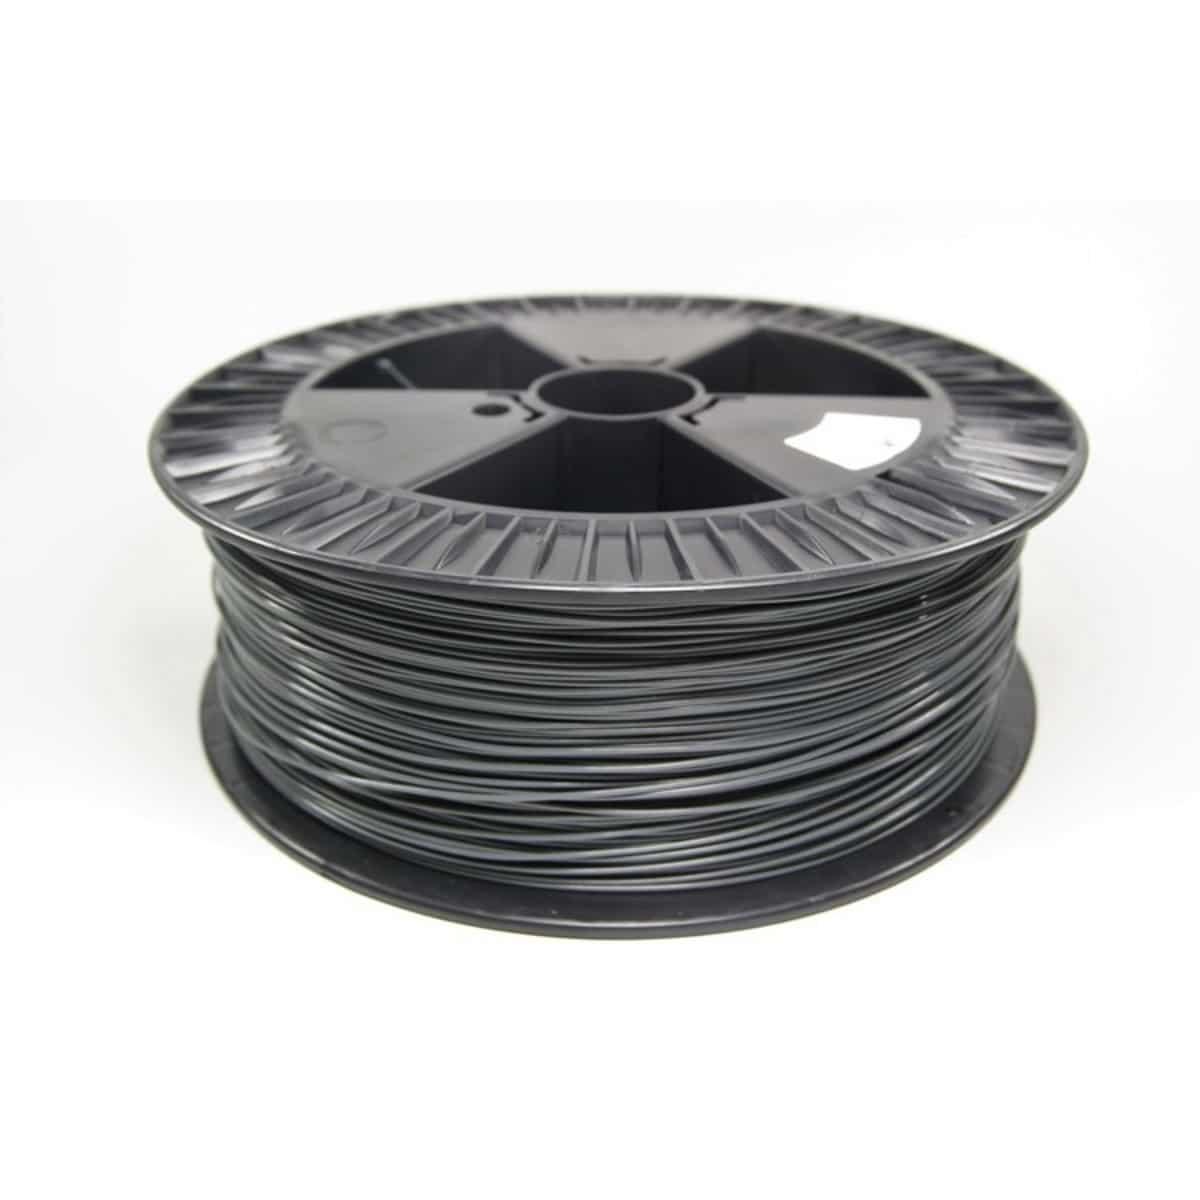 Billede af Spectrum Filaments - PETG - 1.75mm - Dark Grey - 2 kg